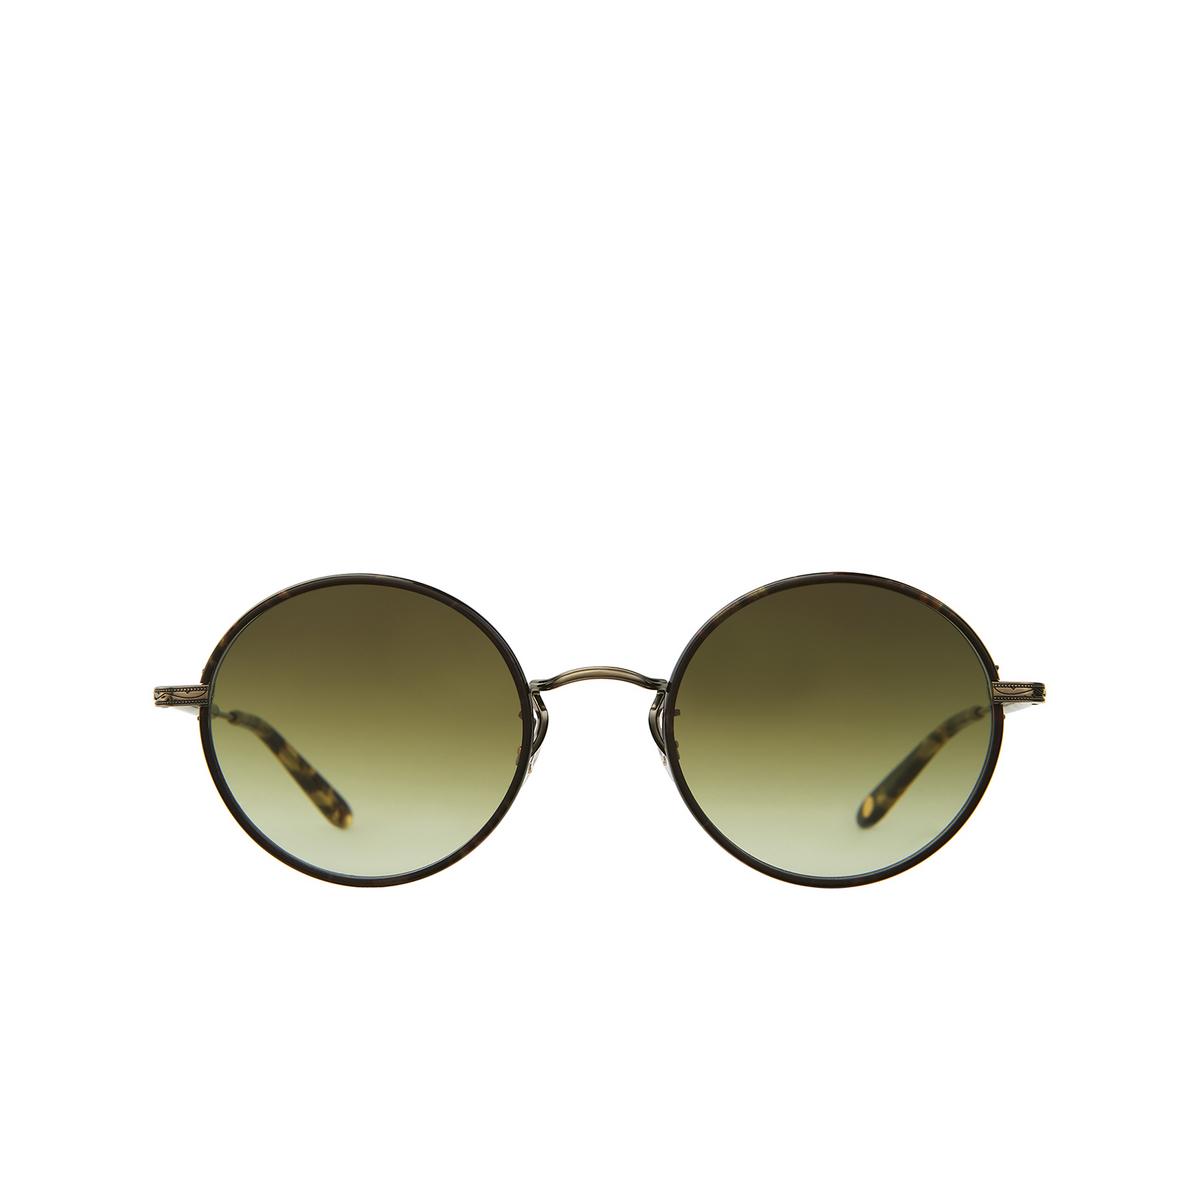 Garrett Leight® Round Sunglasses: Fonda Sun color Bourbon - Brushed Gold Bbt-bg-yt/og.